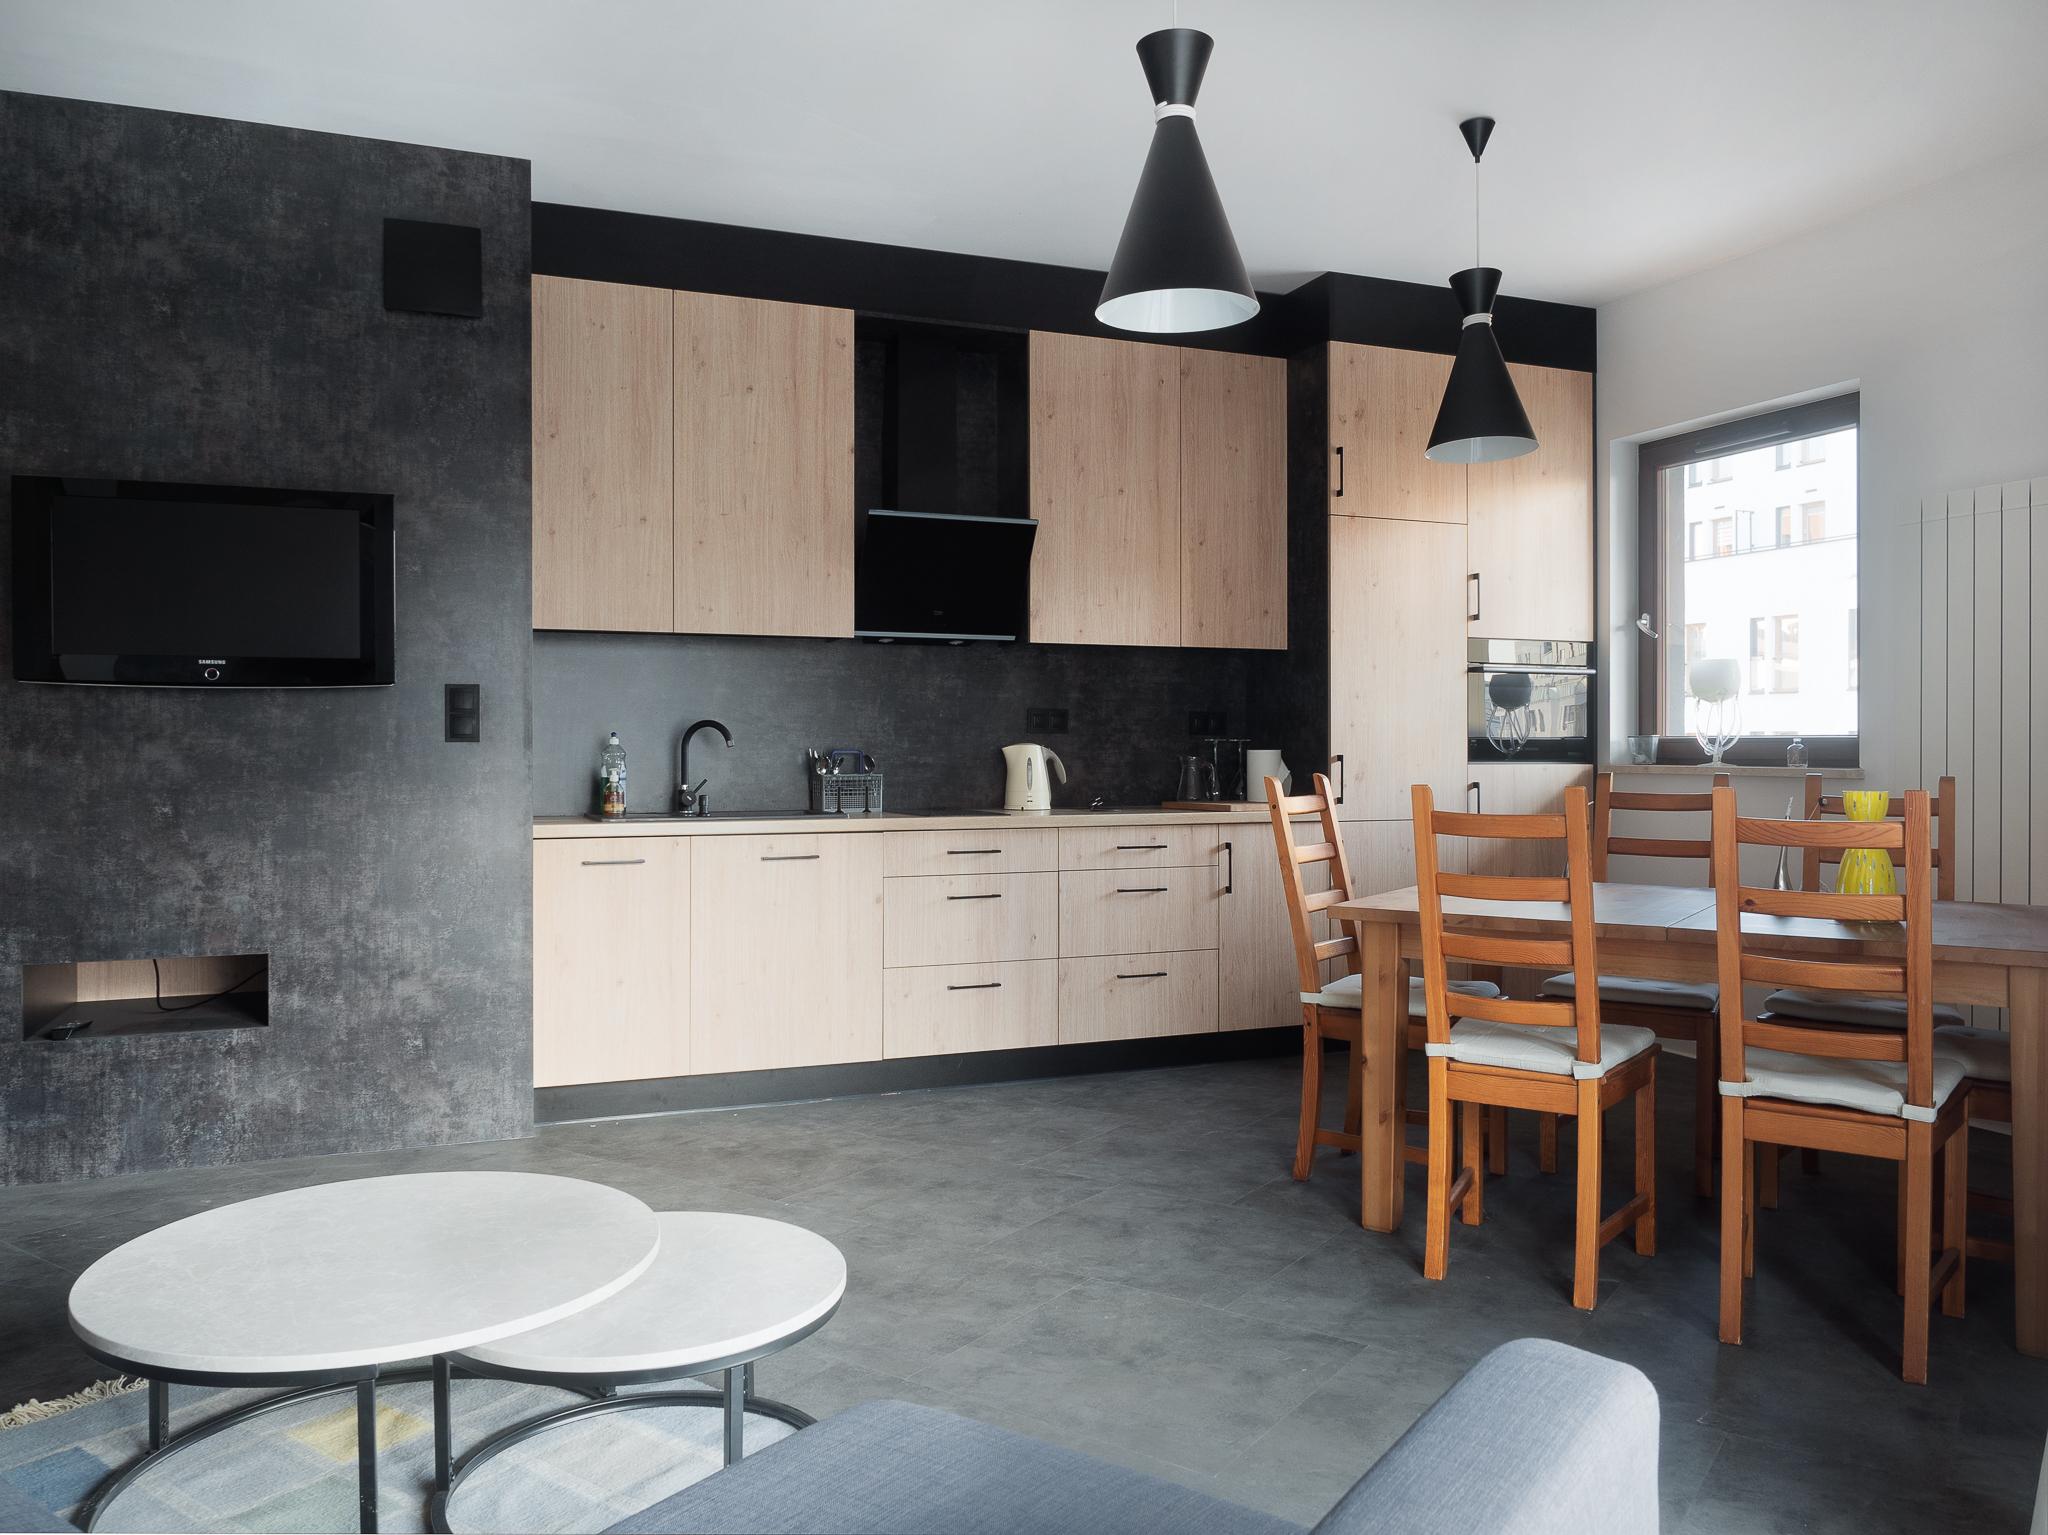 Dwupokojowe mieszkanie do wynajęcia w Miasteczku Wilanów - House of Warsaw Biuro Nieruchomości